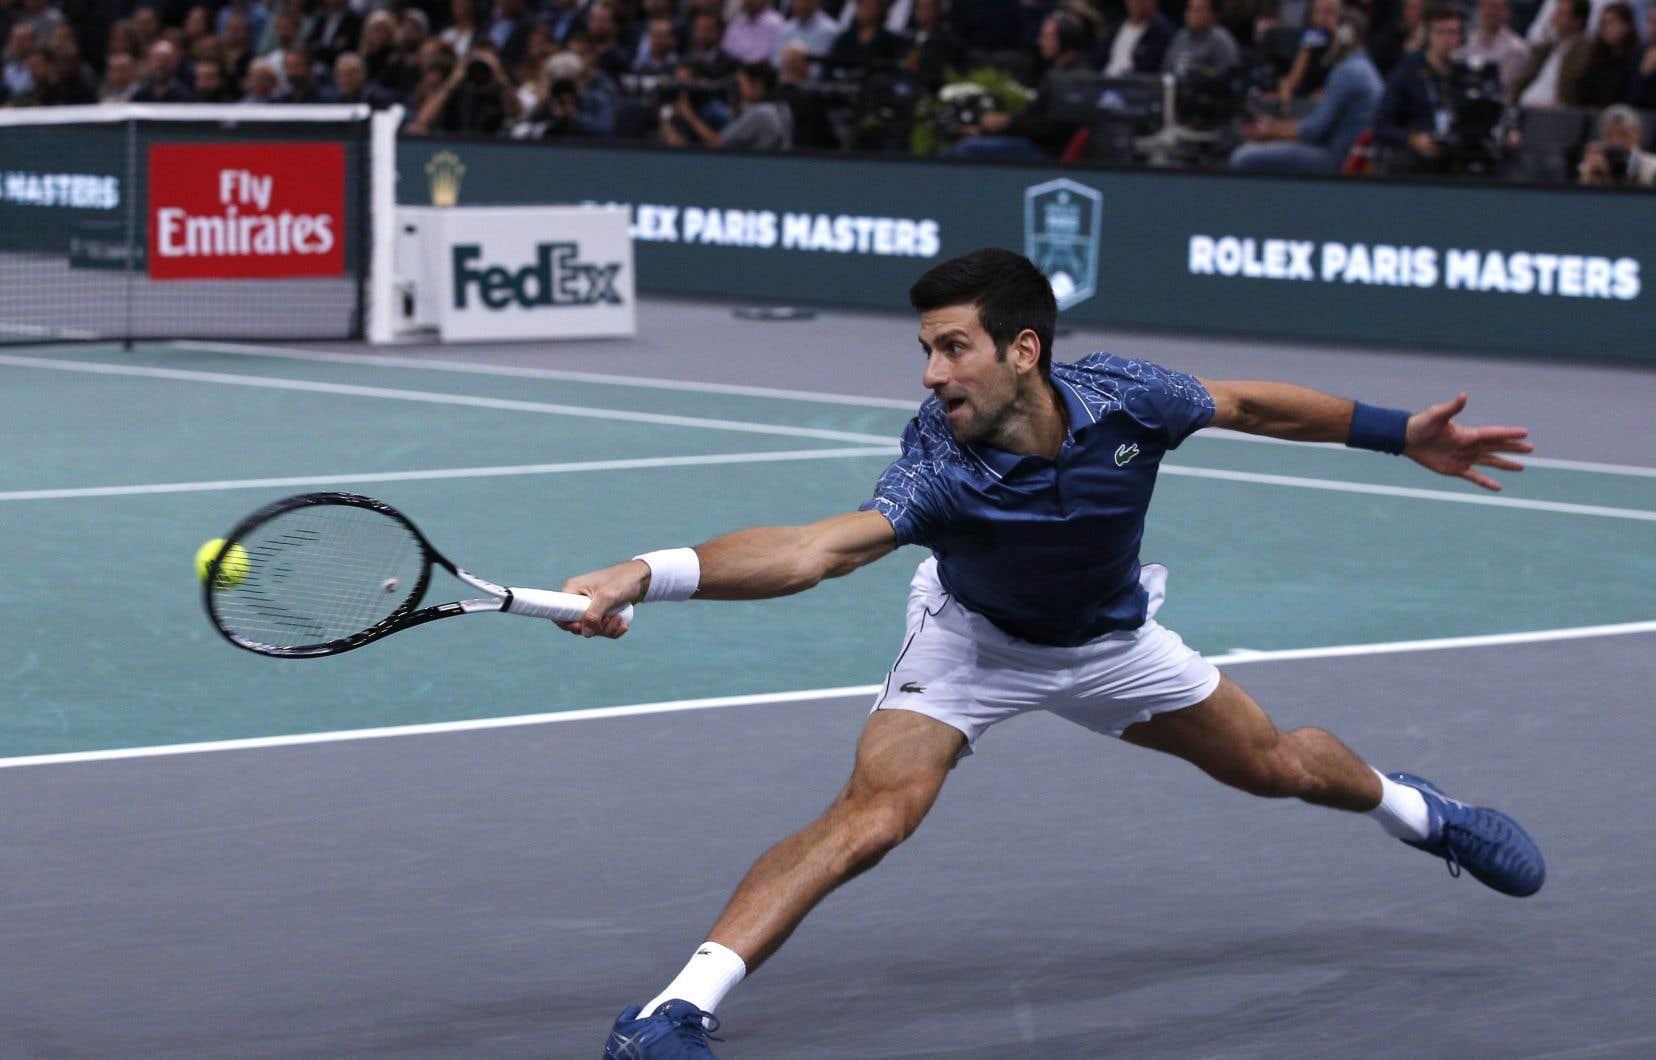 Novak Djokovicdevient le premier joueur masculin en presque deux décennies à se hisser au sommet de la hiérarchie mondiale après avoir glissé au-delà du top 20 lors de la même saison.